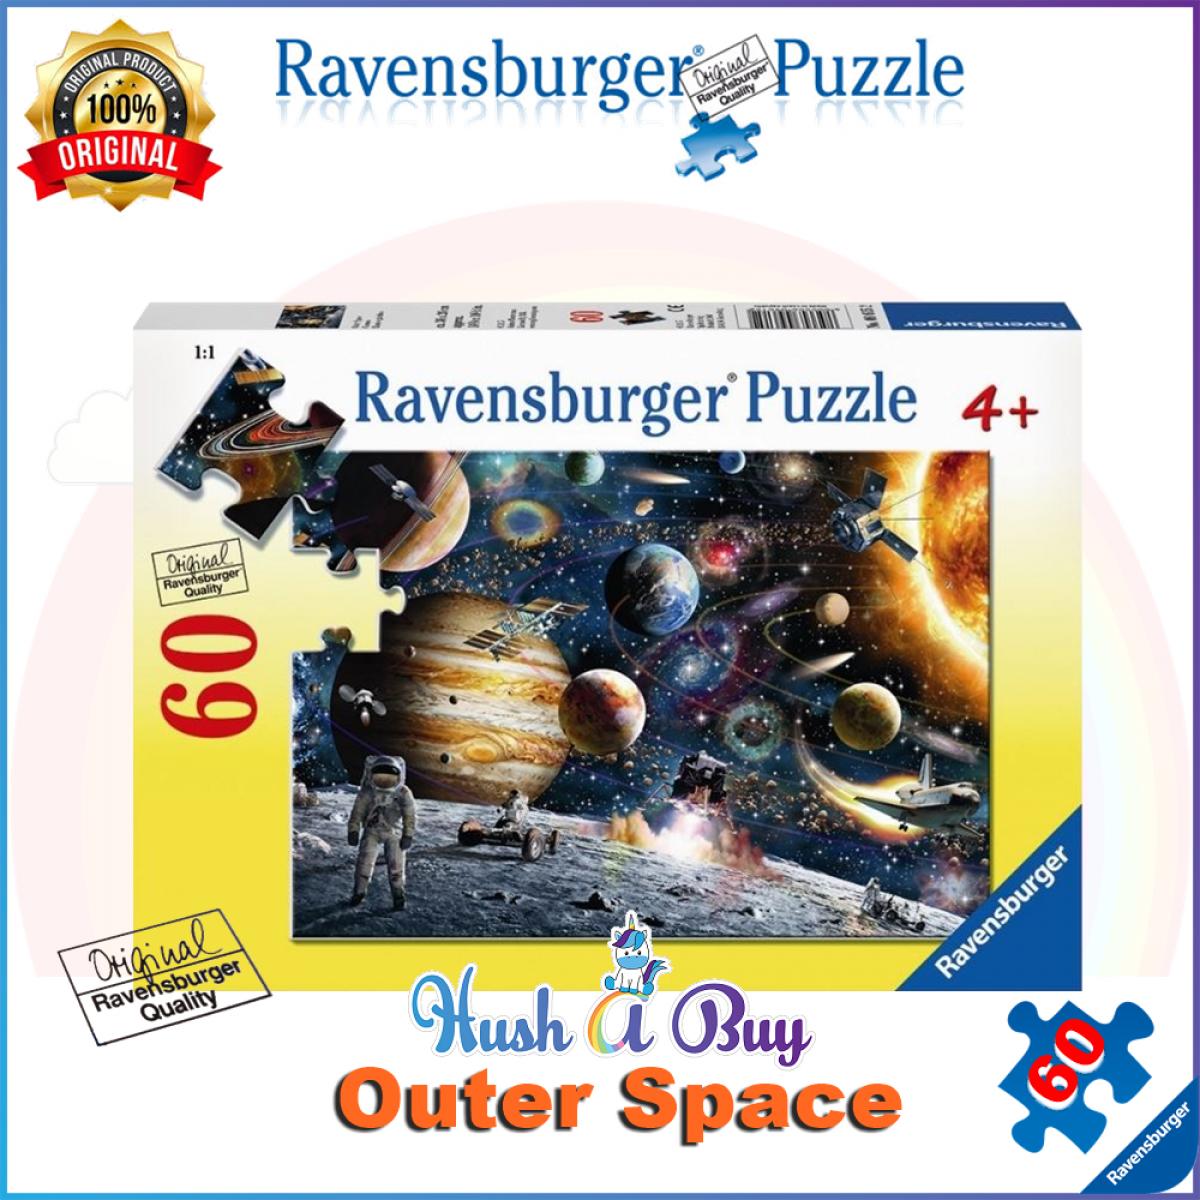 Ravensburger Premium Puzzle 60pcs for 4+ Years (Authentic and Original)